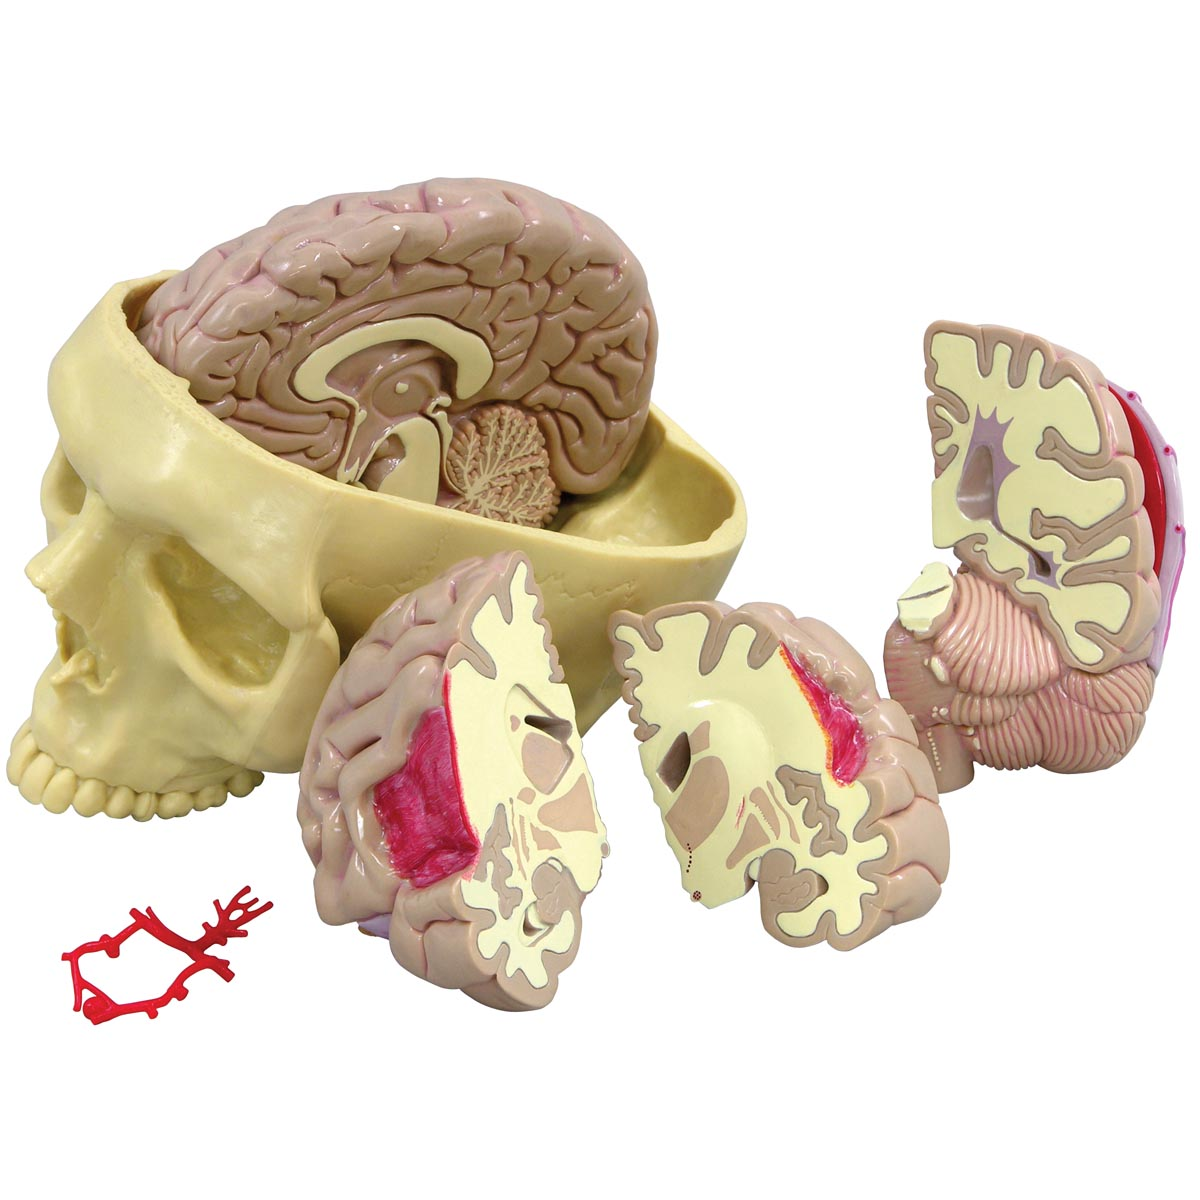 GPI Gehirnmodell 2900, Modell eines menschlichen Gehirns, Gehirnmodell